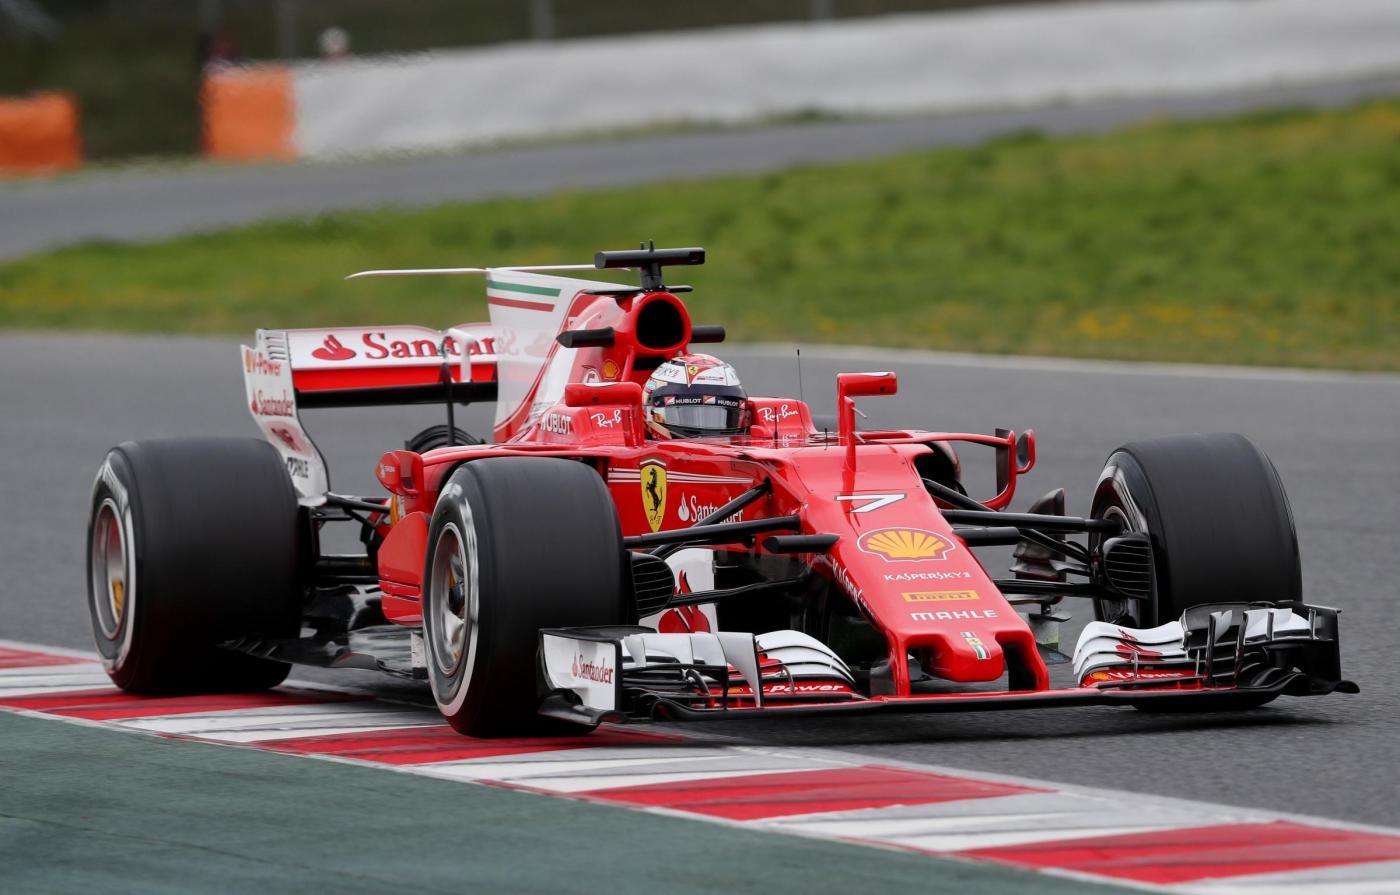 """E' un testa a testa tra Ferrari e Mercedes in questi primi test invernali di Formula 1 a Barcellona. Sul circuito del Montmelò la seconda giornata si chiude con Kimi Raikkonen davanti a Lewis Hamilton: il finlandese, secondo al mattino, produce lo scatto decisivo nella sessione pomeridiana fermando il cronometro sull'1'20""""960 e staccando il britannico di soli 23 centesimi. Staccati gli altri, con Verstappen terzo davanti a Magnussen."""